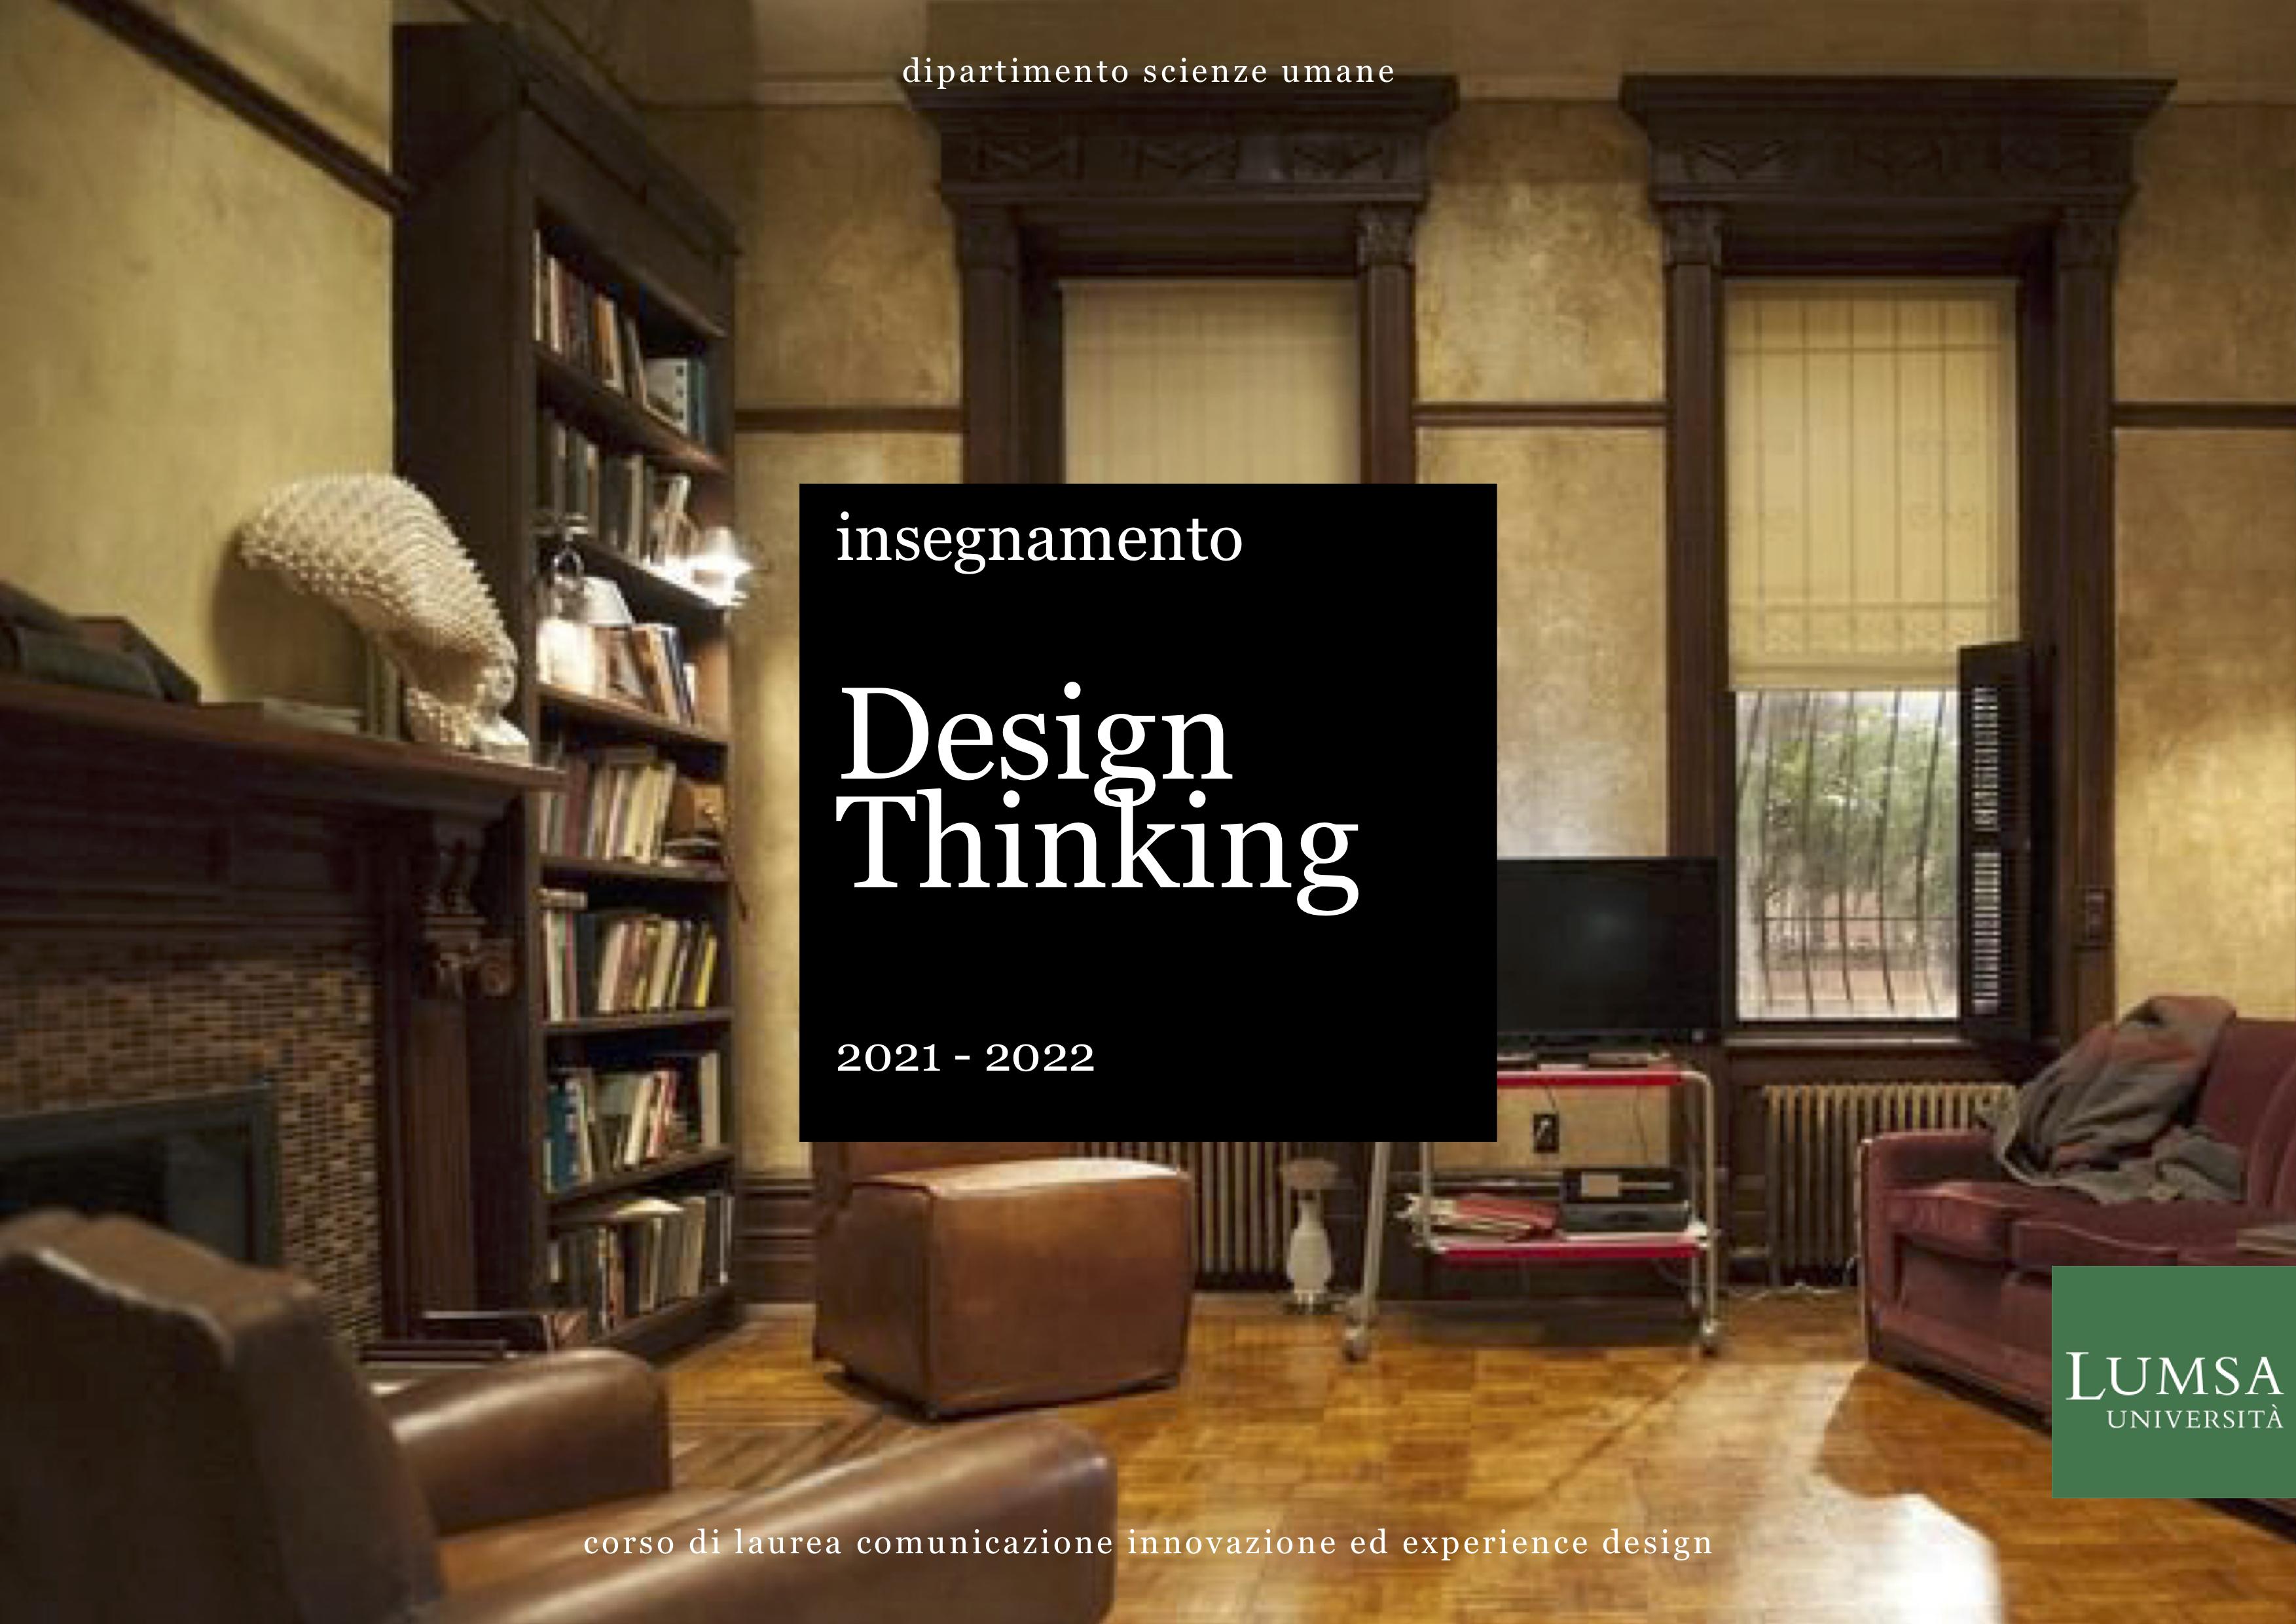 insegnamento design thinking, lumsa, roma